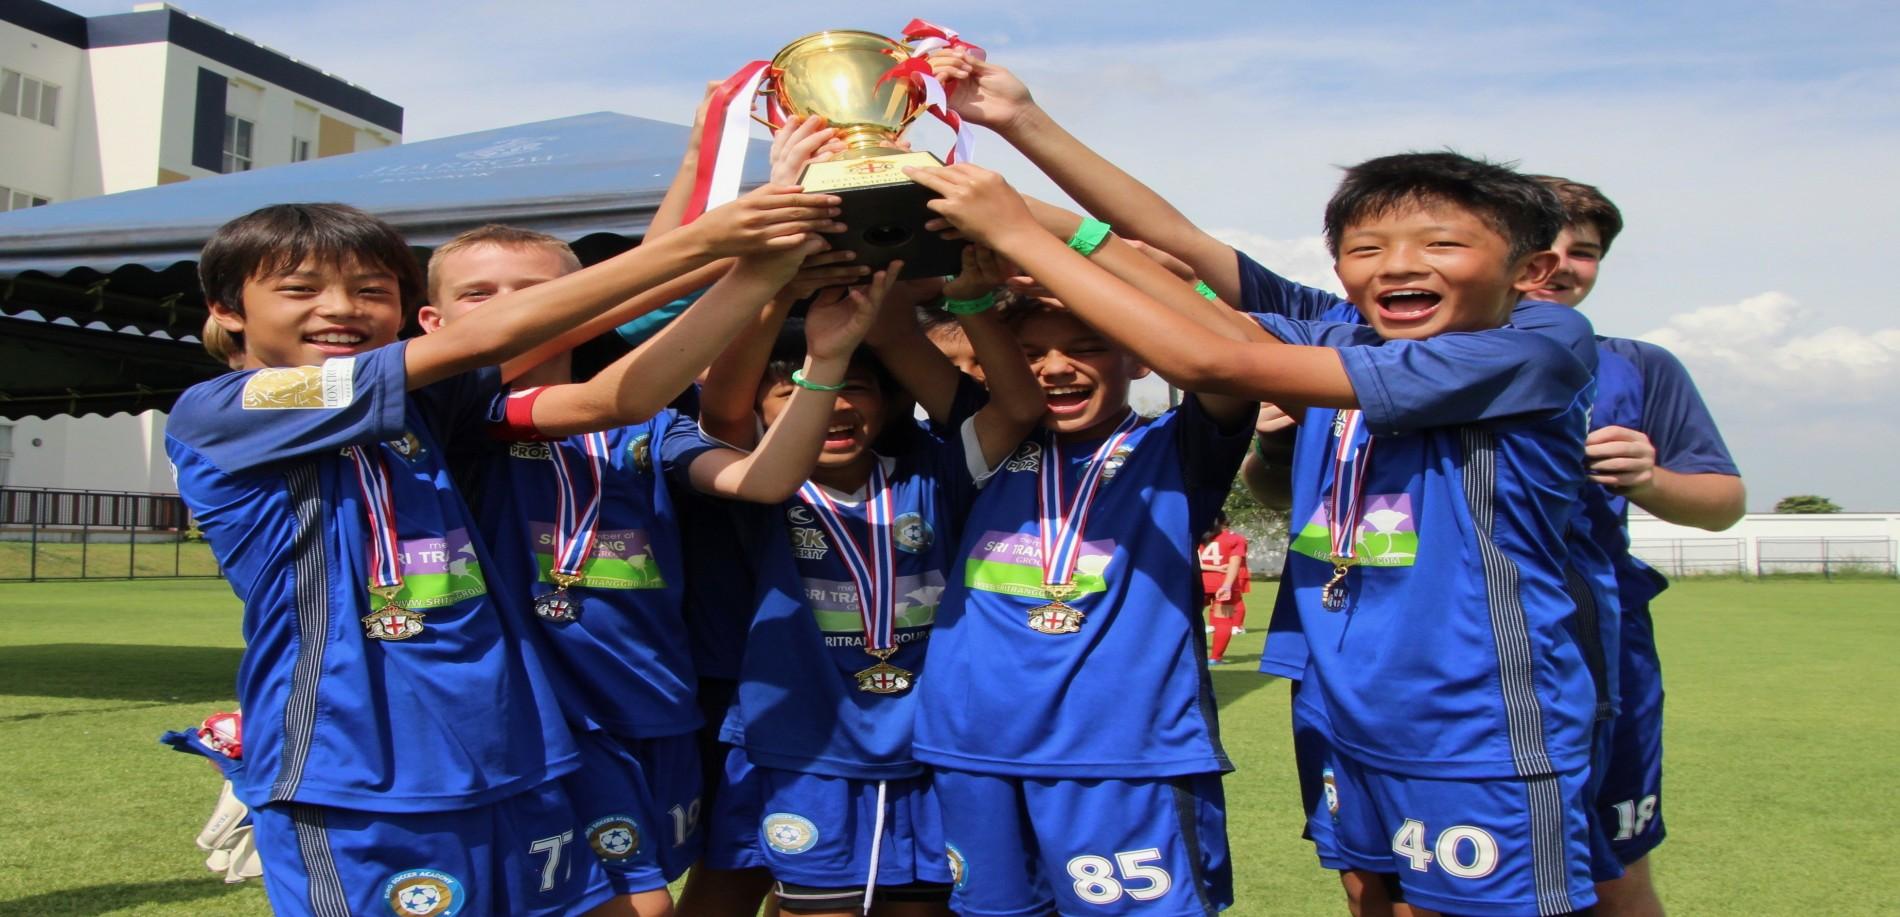 BOYS 13 TEAM IN GOTHIA CUP 2018